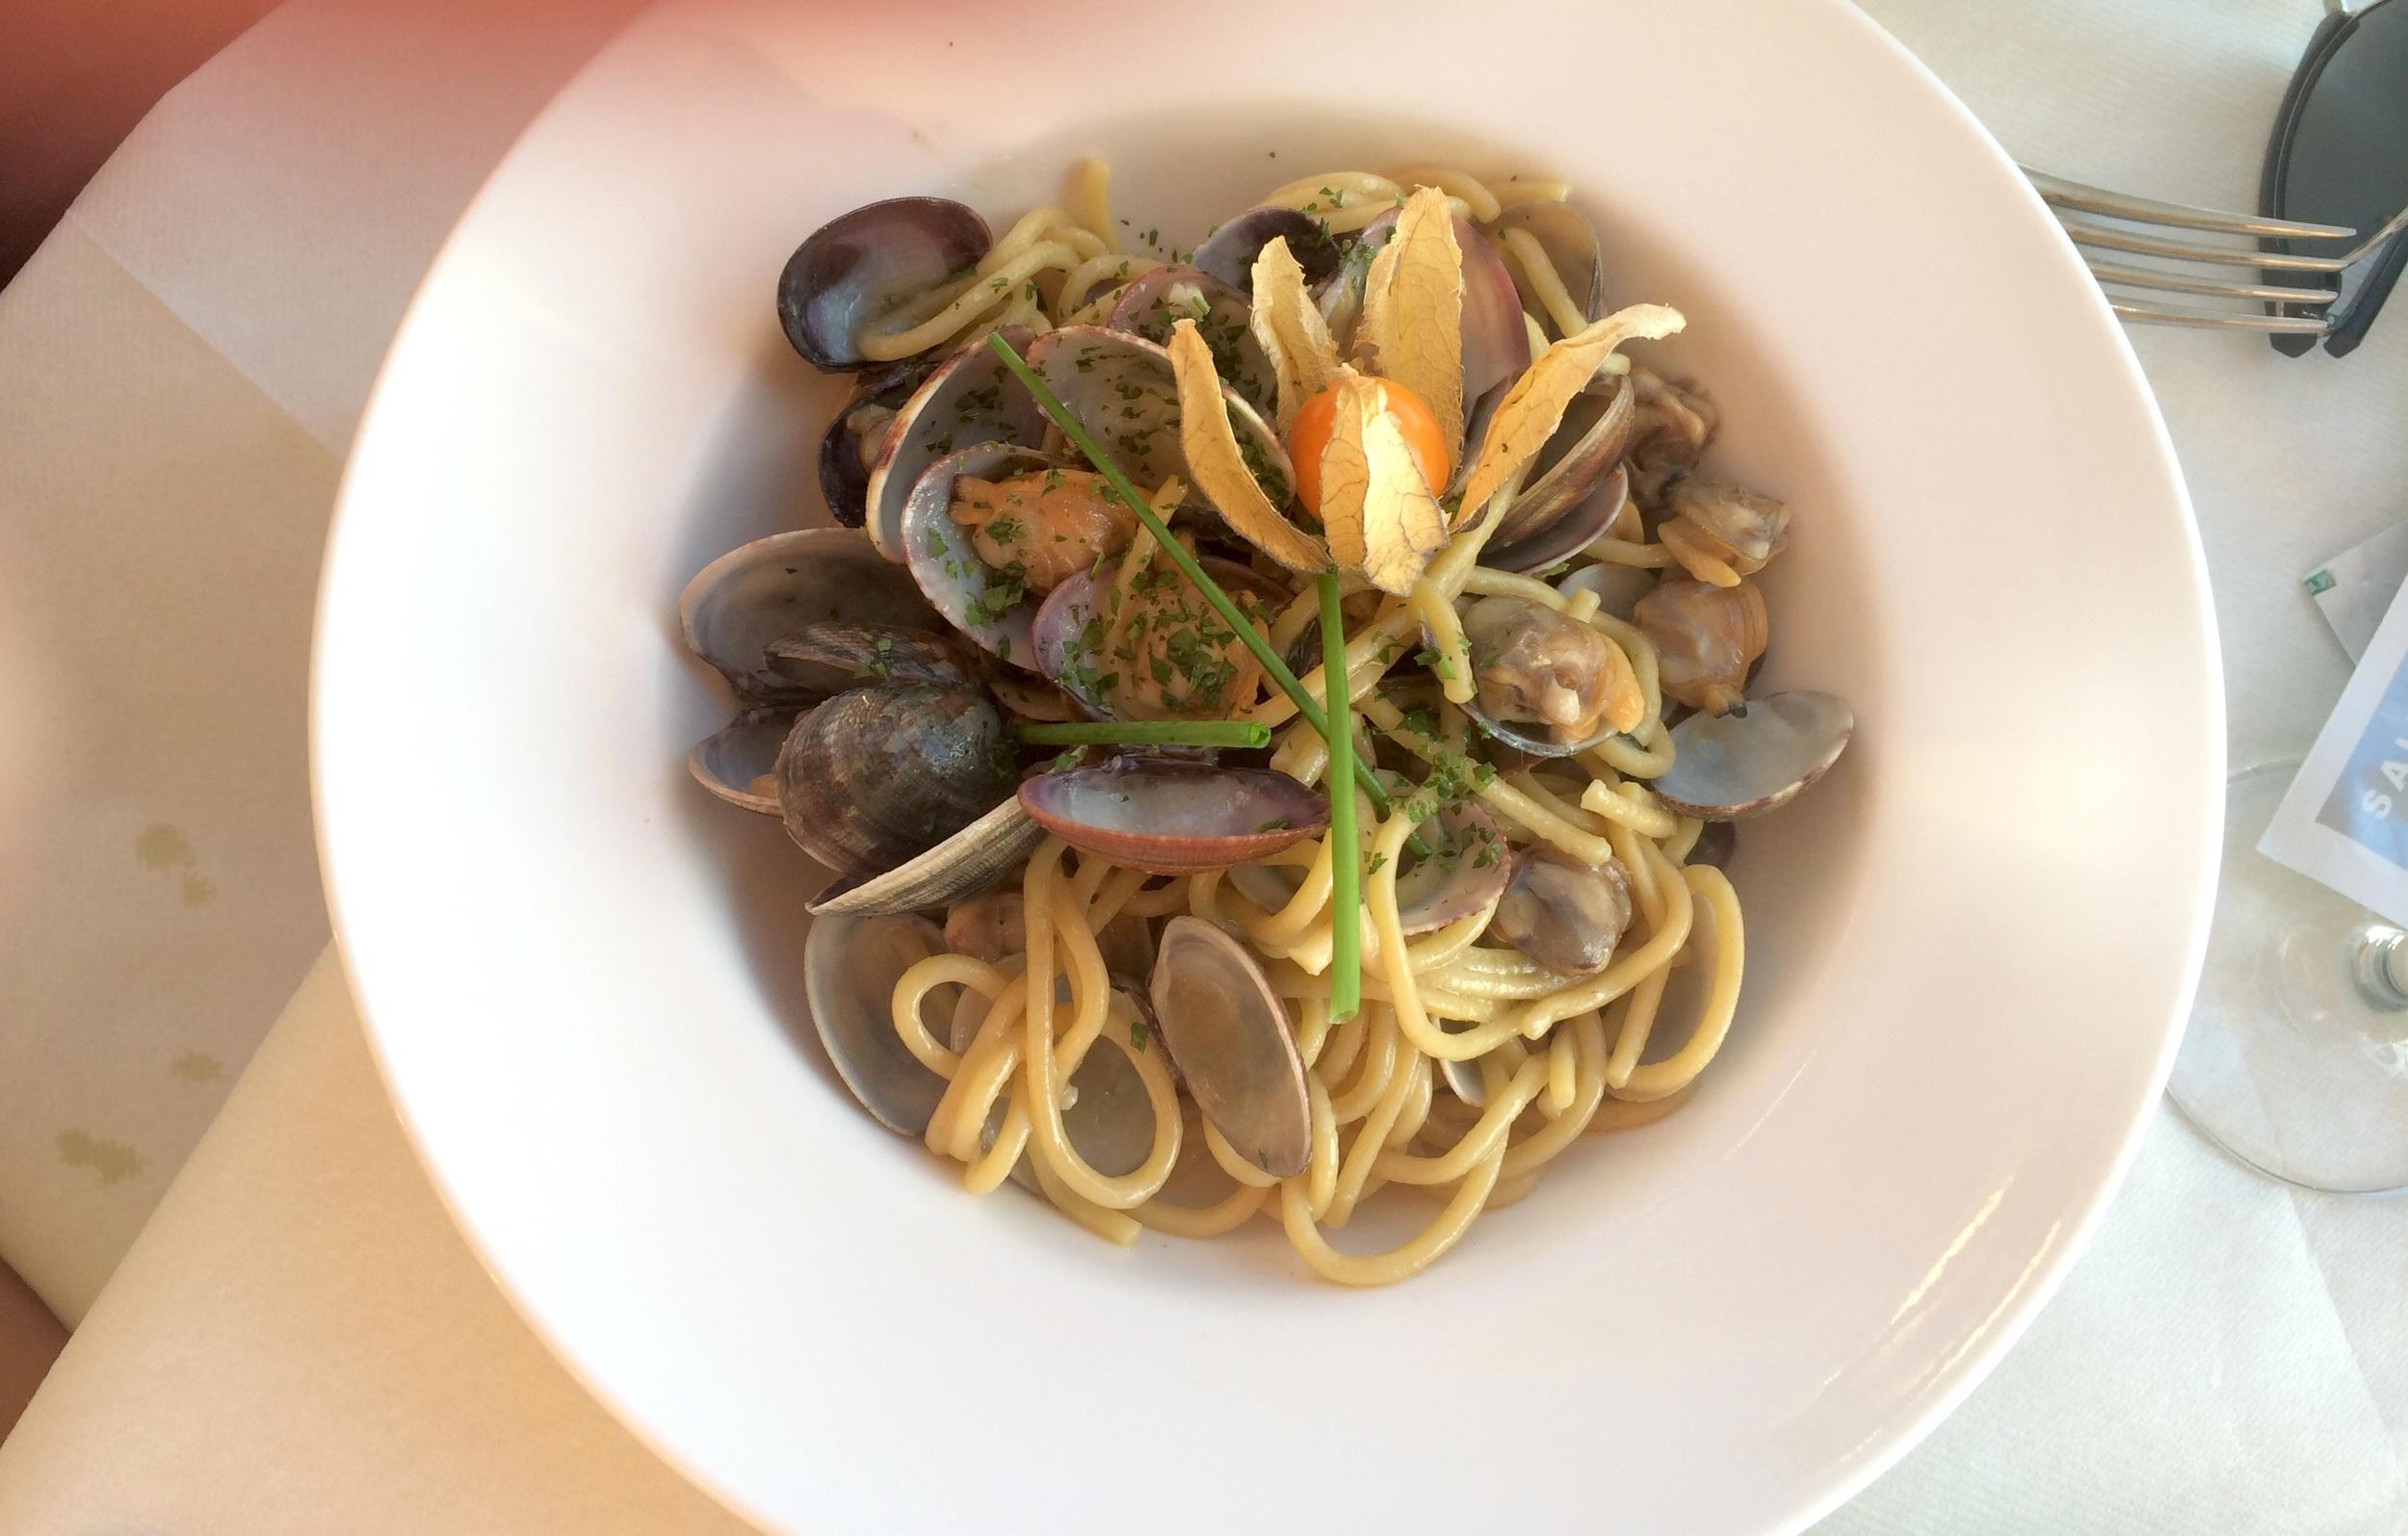 Elias' clam pasta